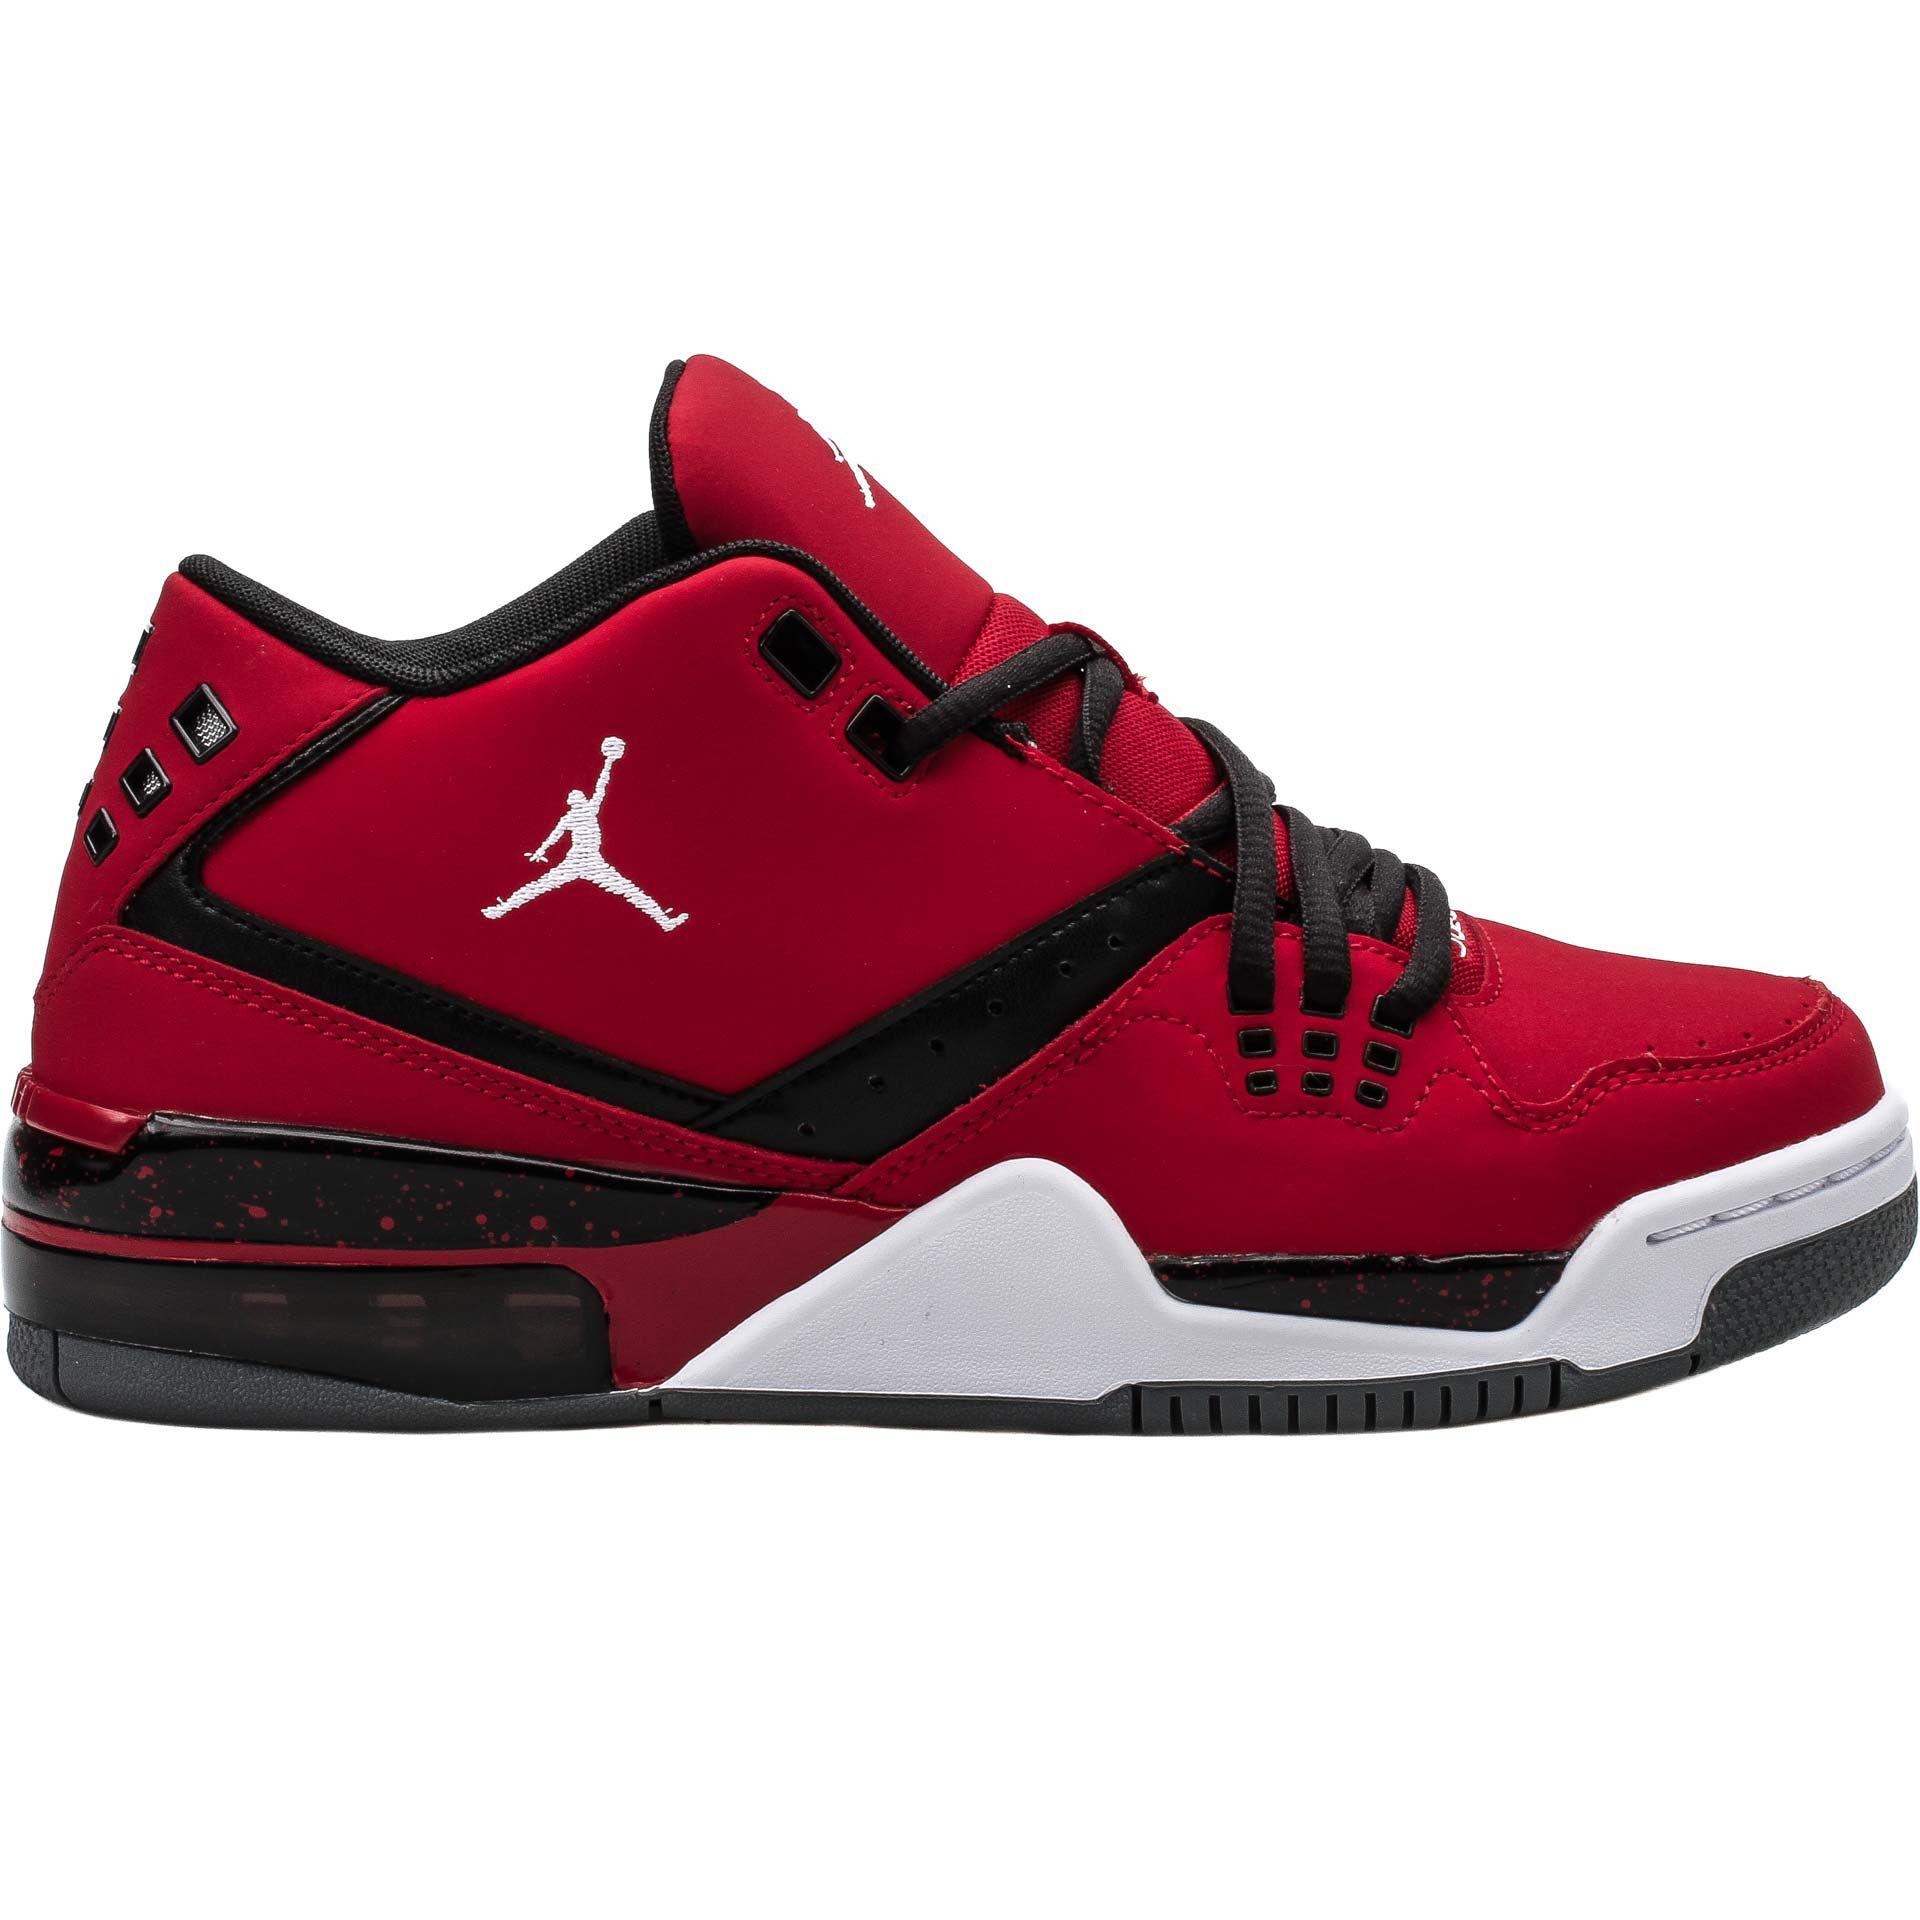 Air Jordan Vol 23 Chaussure De Basket-ball